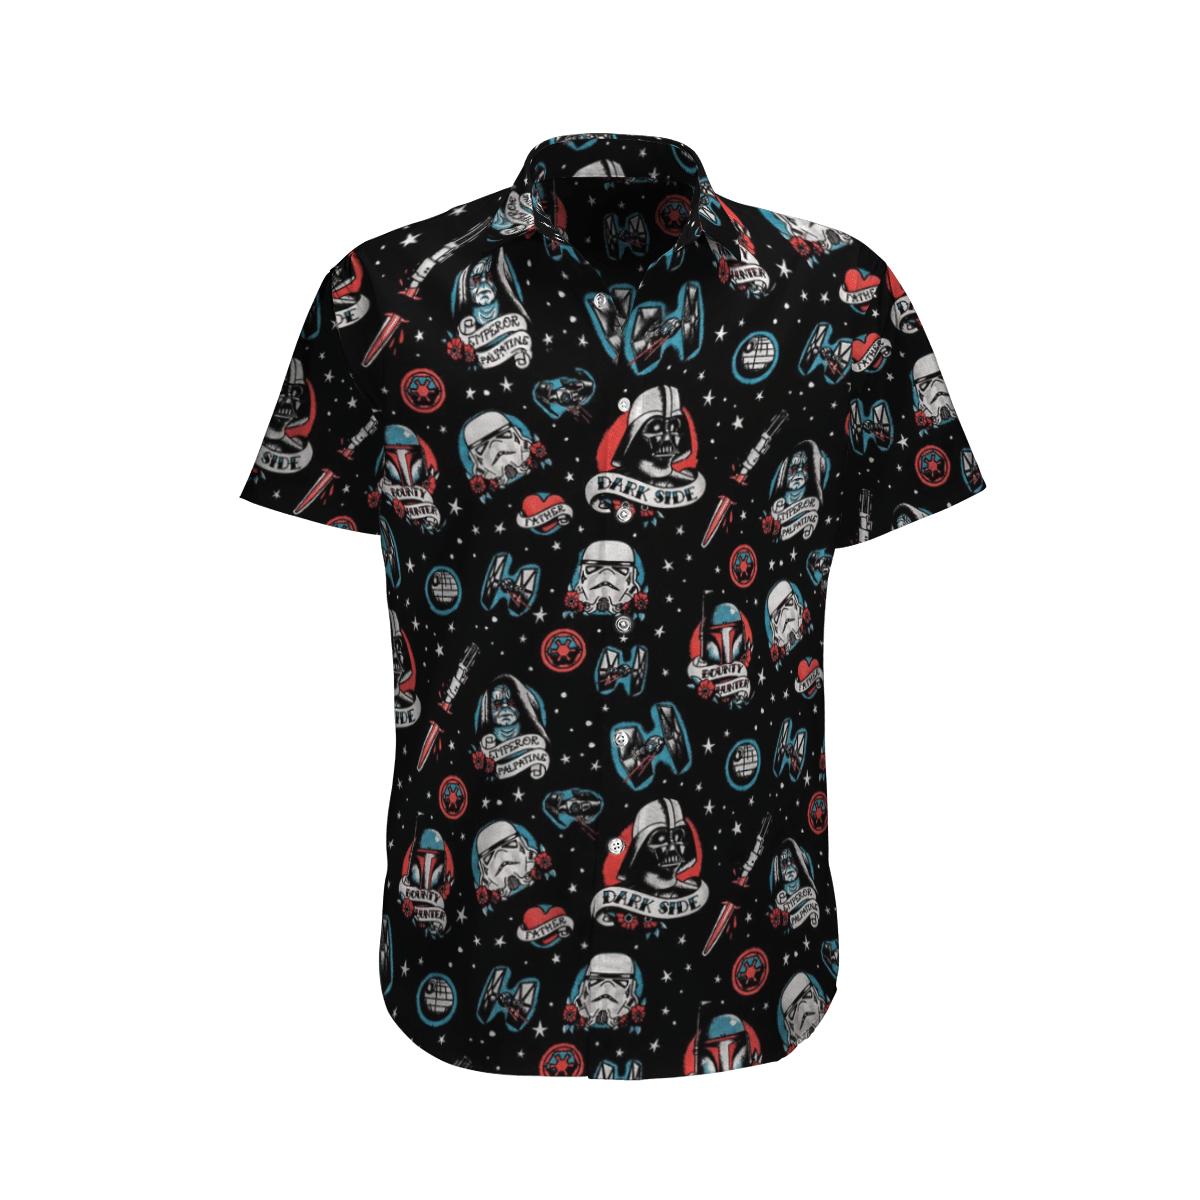 Star wars Dark side Bounty Hunter Hawaiian shirt